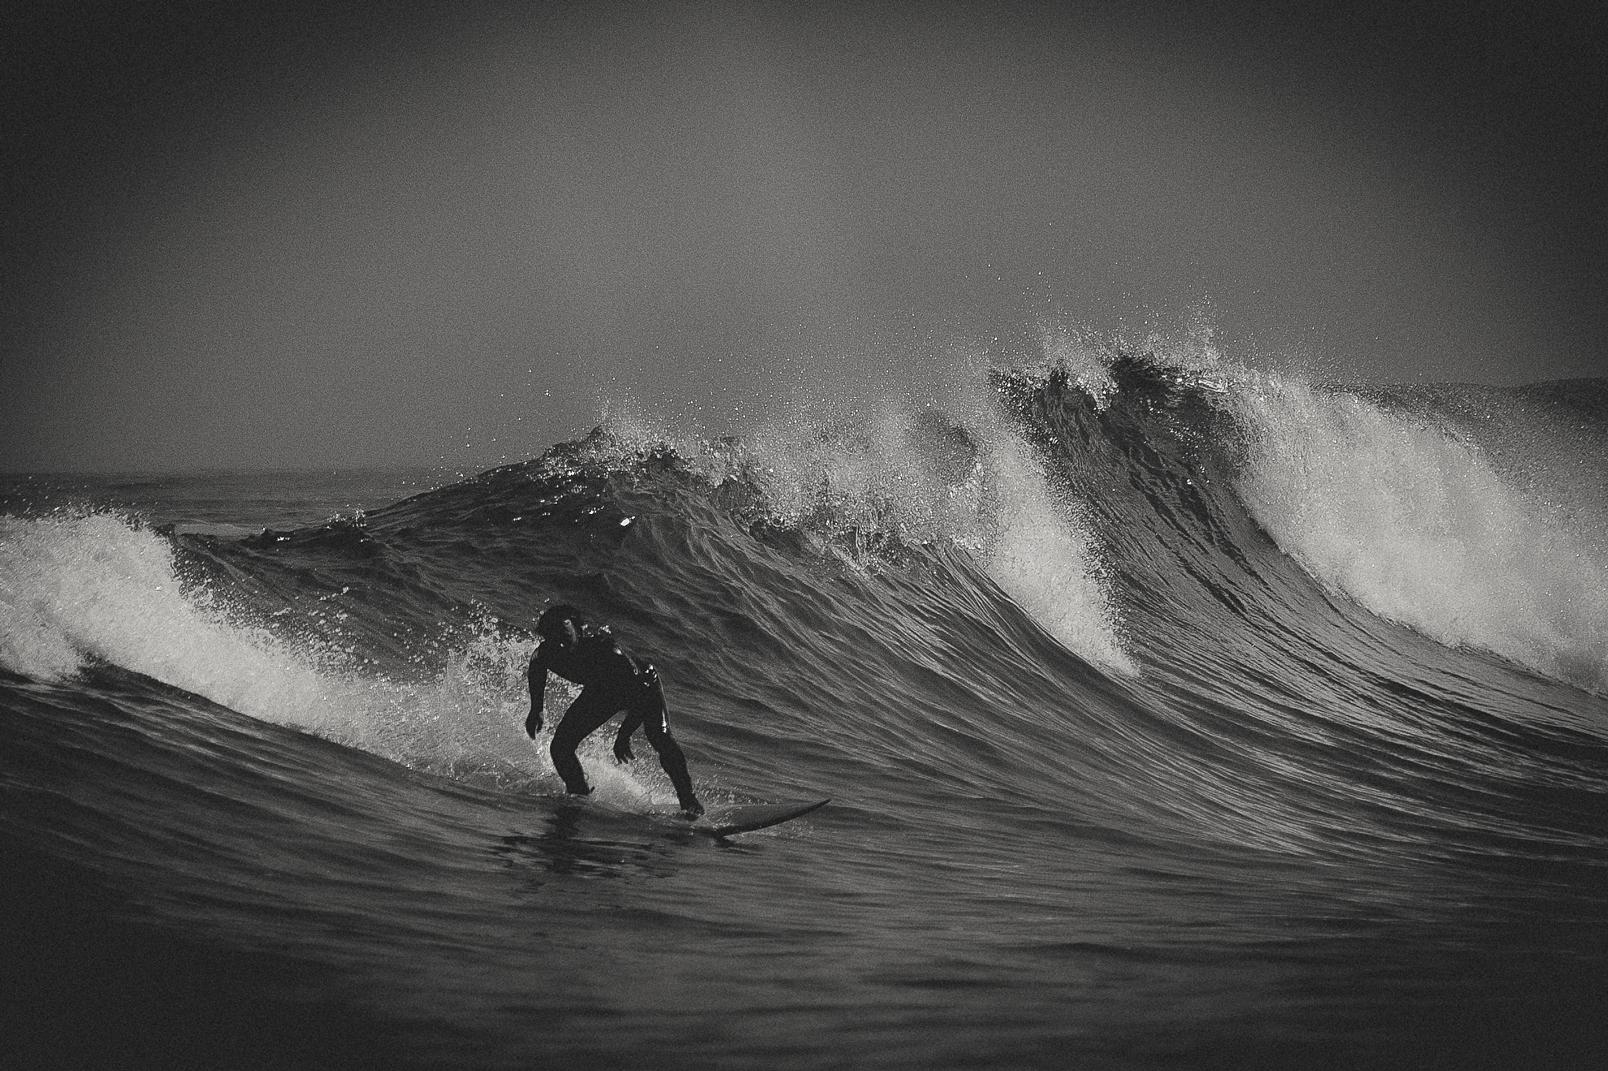 Surfing_2009-7382.jpg